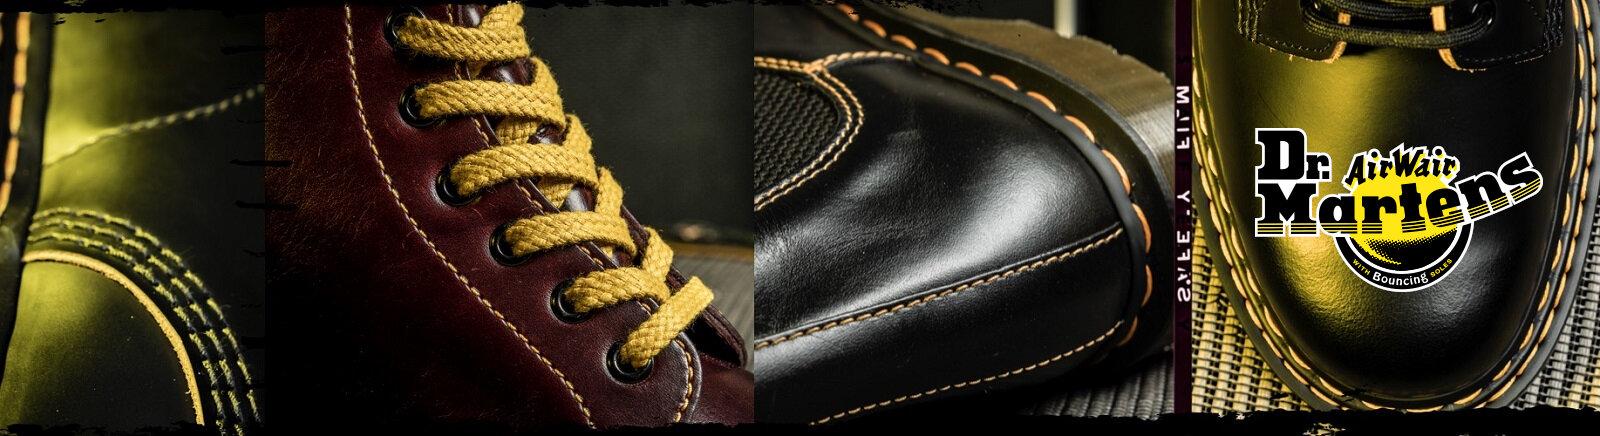 Dr. Martens Schuhe für Kinder kaufen im Online-Shop von GISY